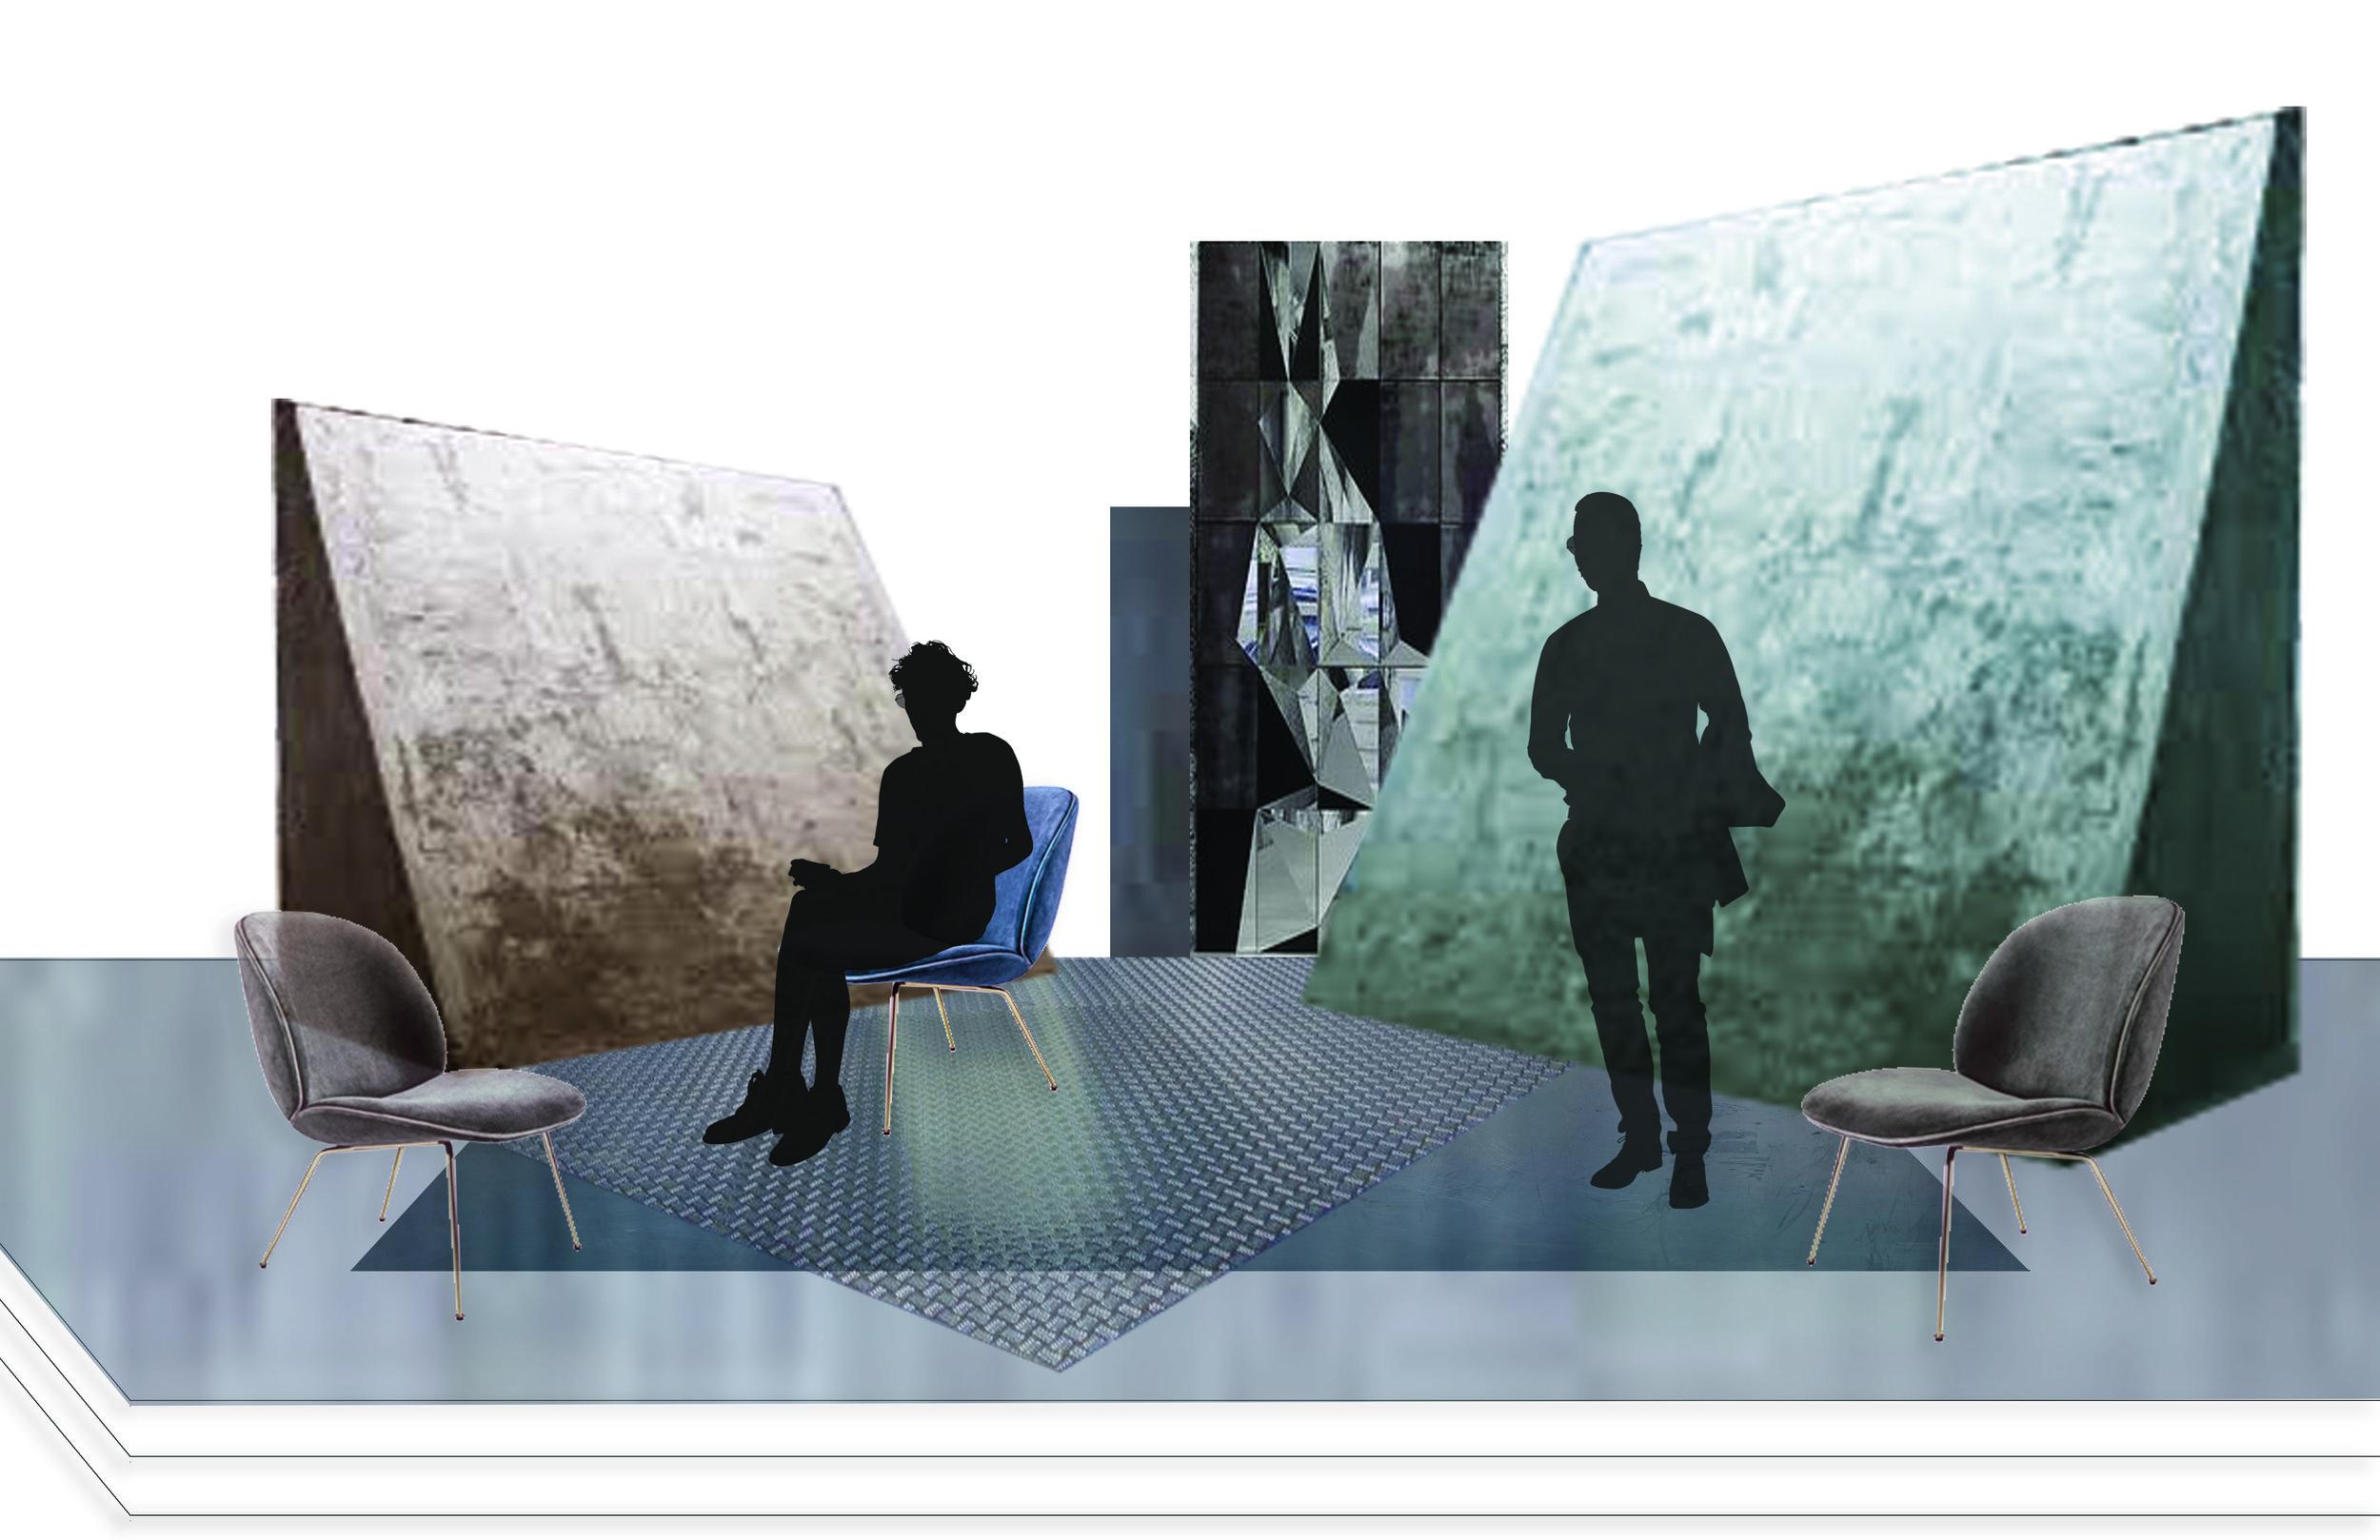 Lounge_Rendering_Vermeer's Light 2.jpg